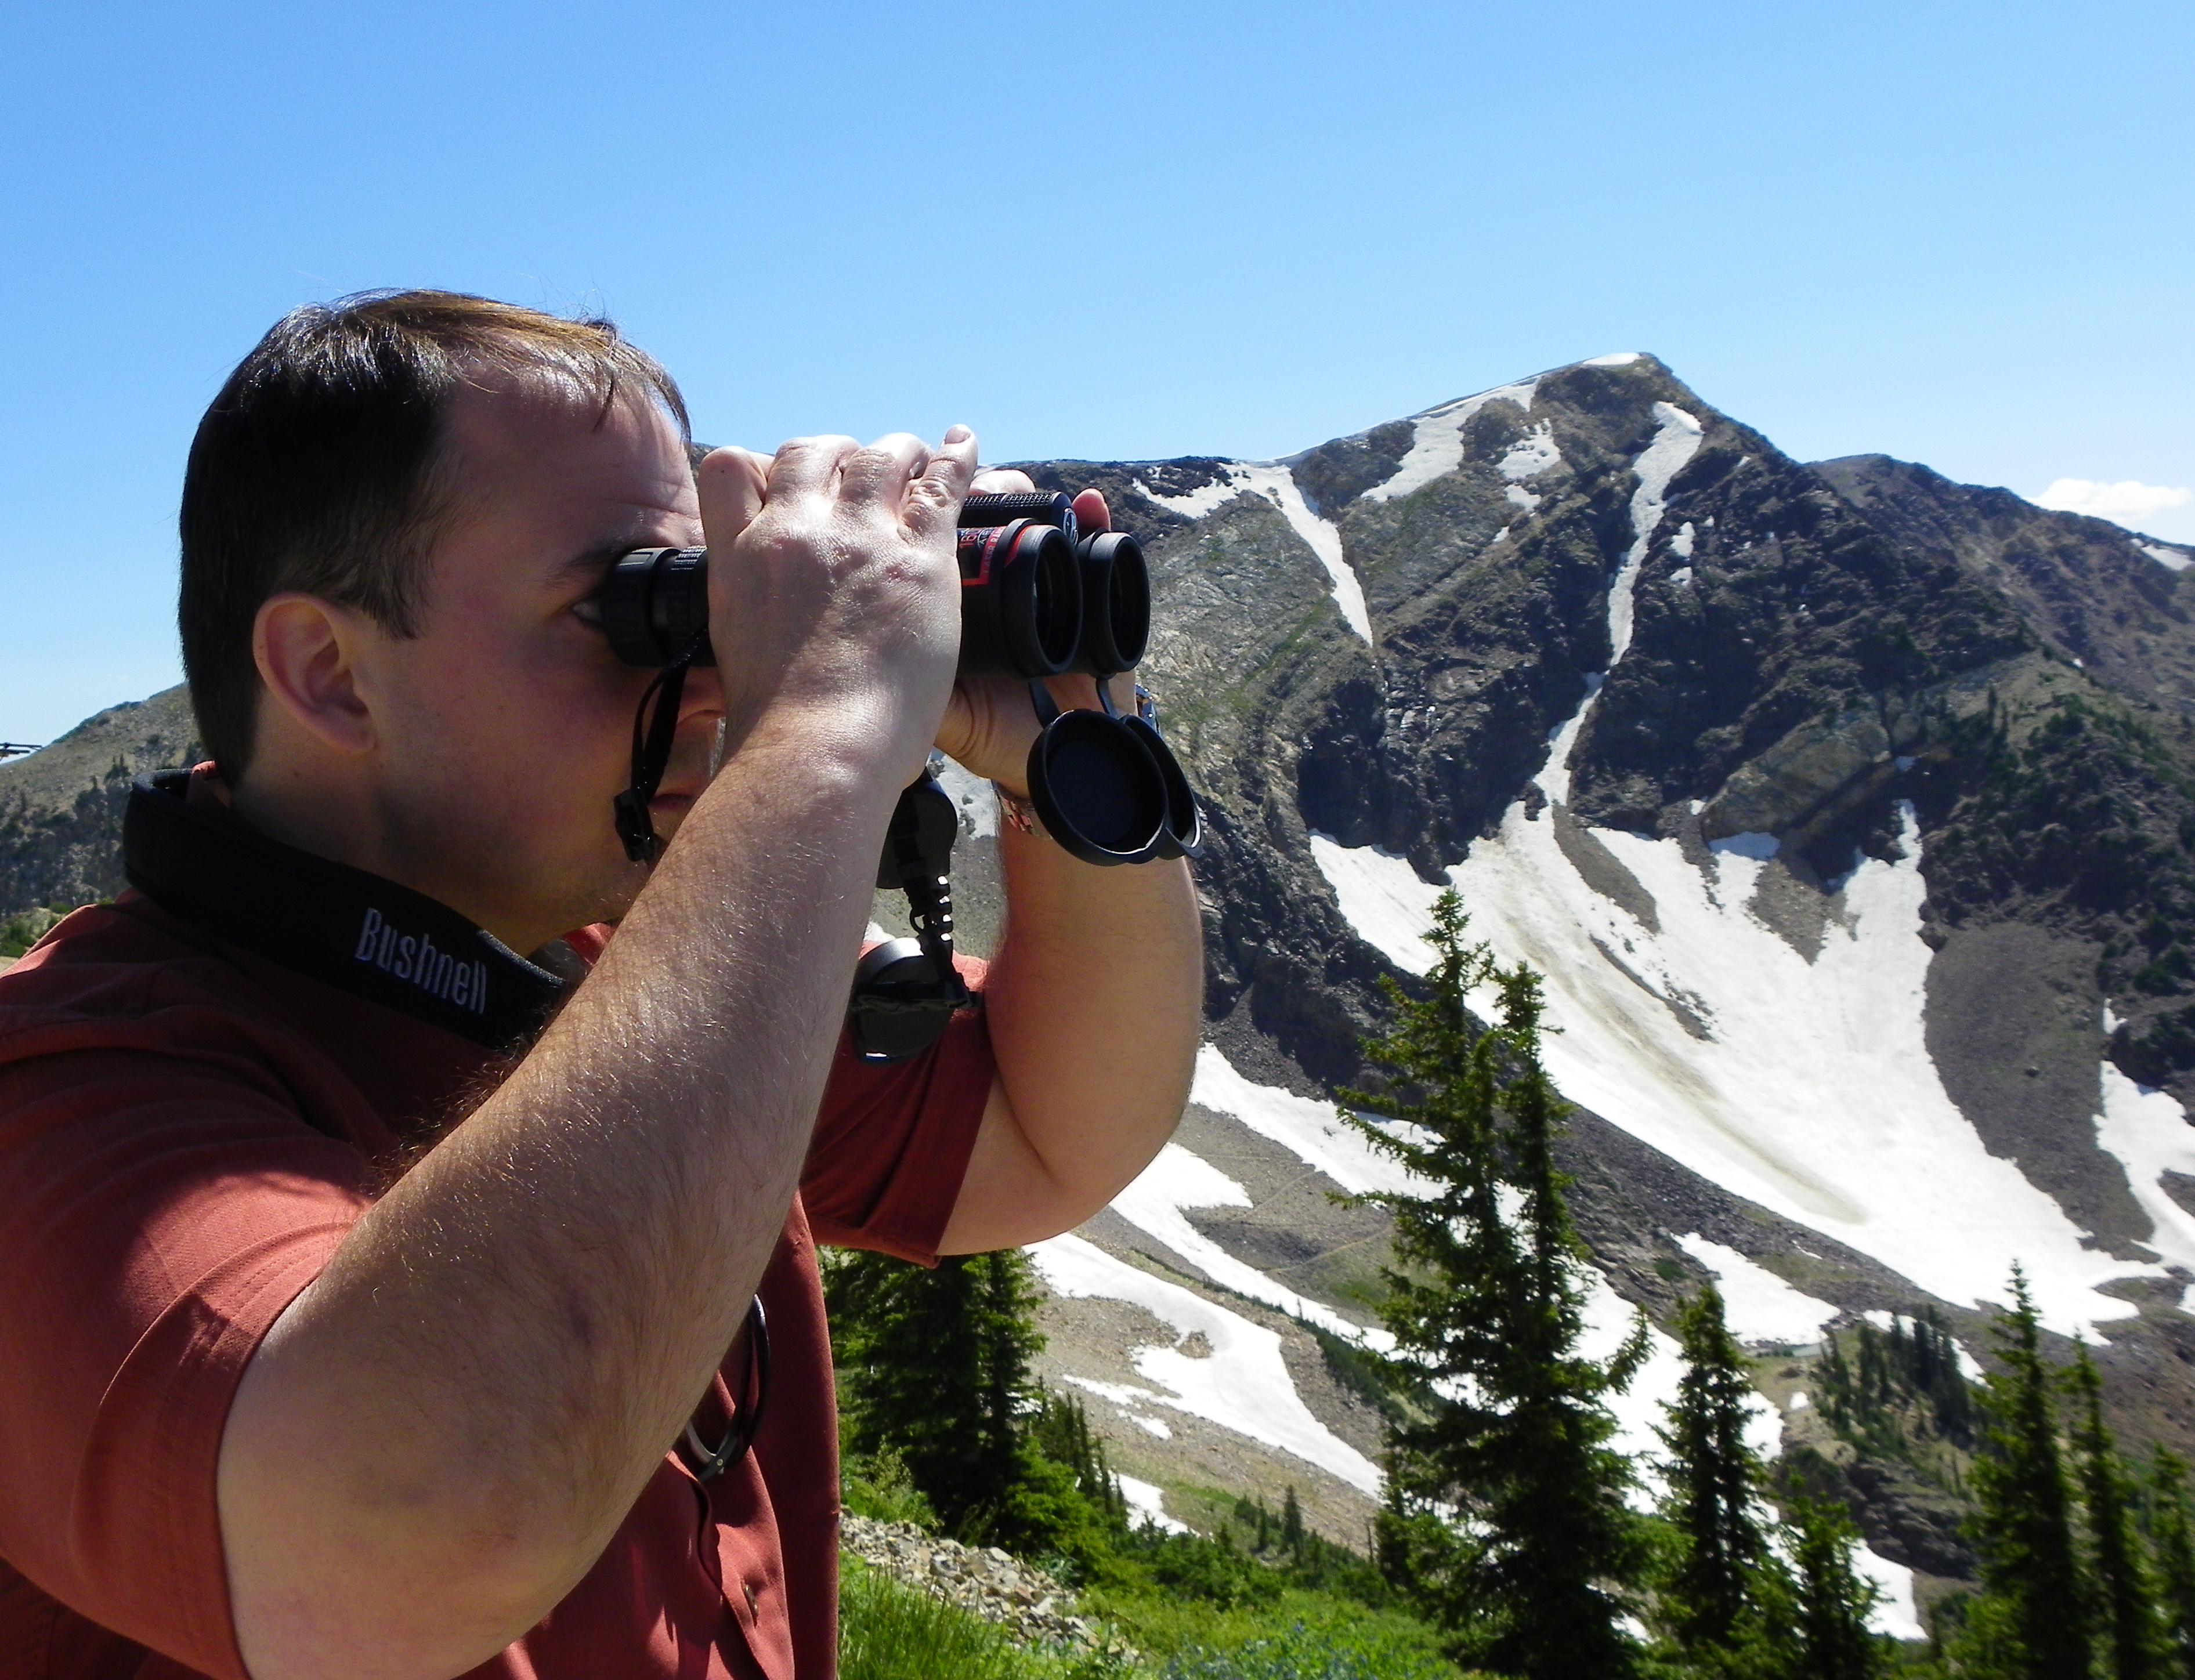 Rangefinder Binocular